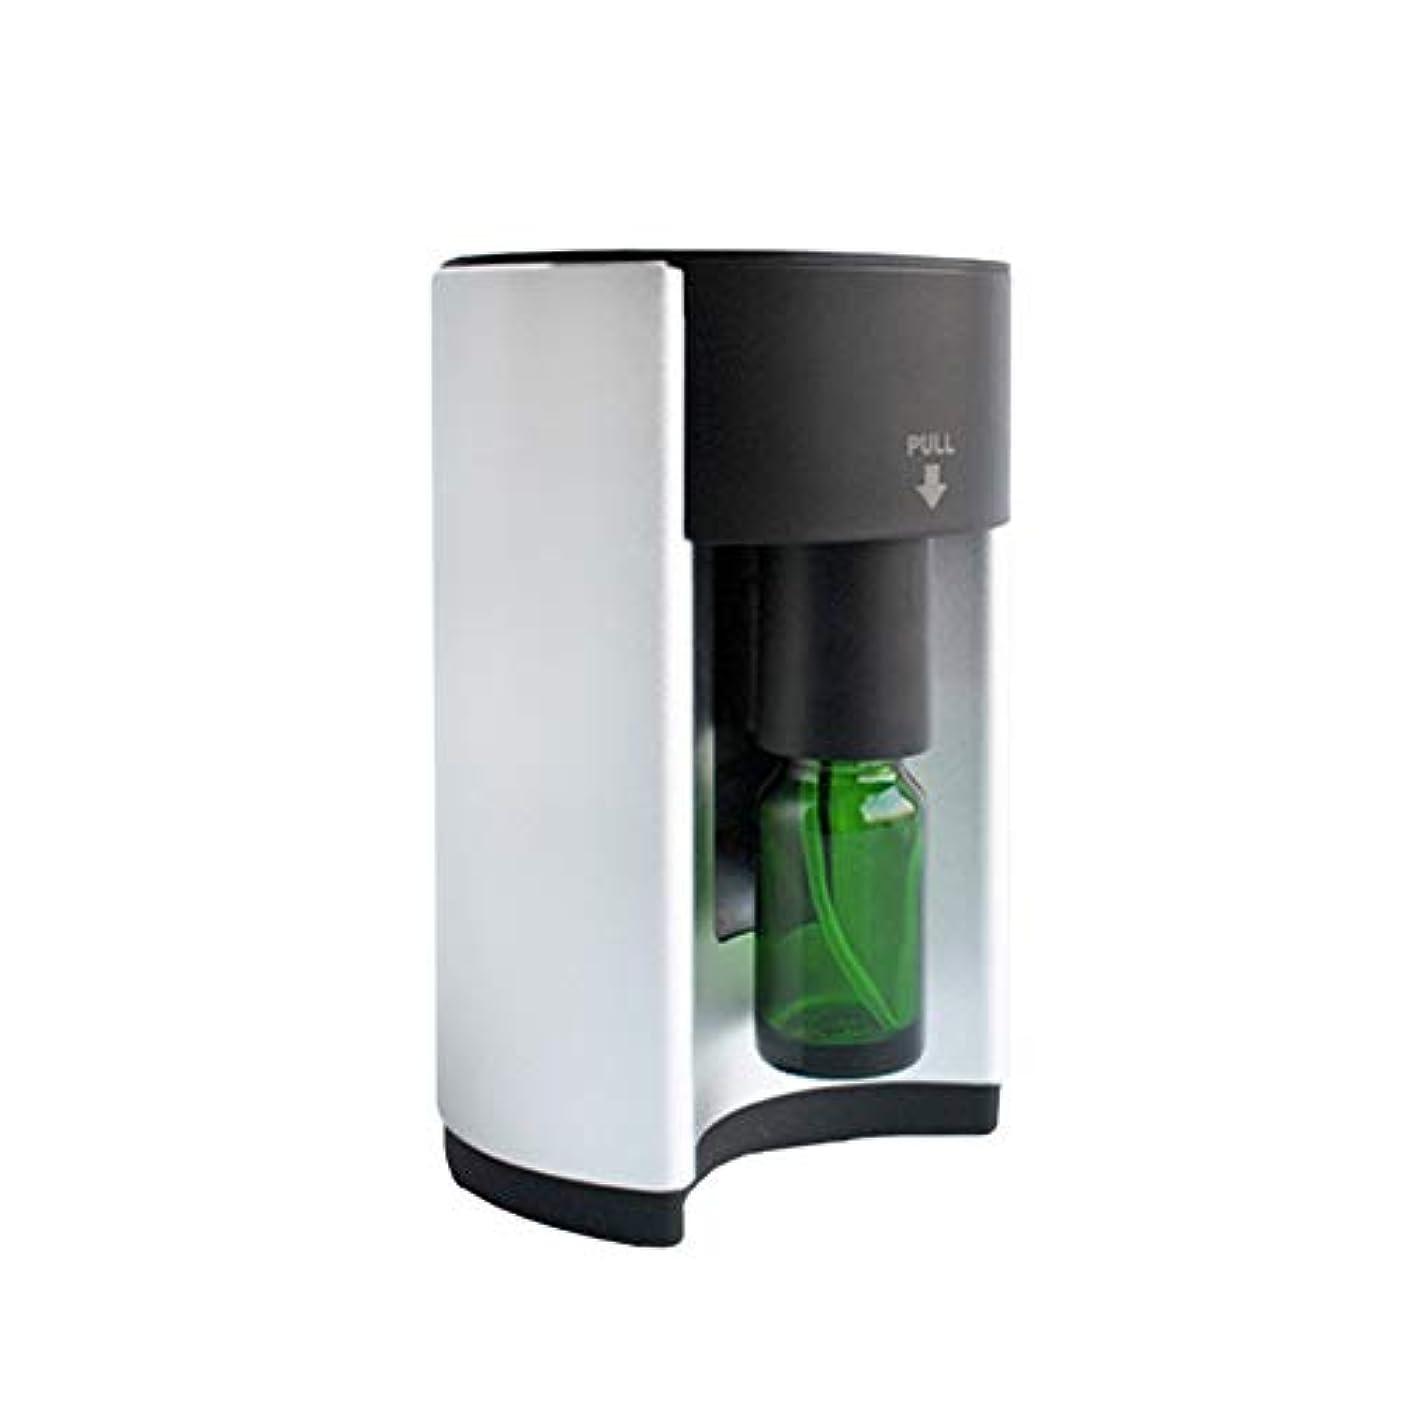 葉プロテスタント注意広範囲適用 アロマディフューザー ネブライザー式 シルバー アロマオイル アロマグラス 人気 タイマー機能 コンパクトタイプ エッセンシャルオイル 加湿 うるおい